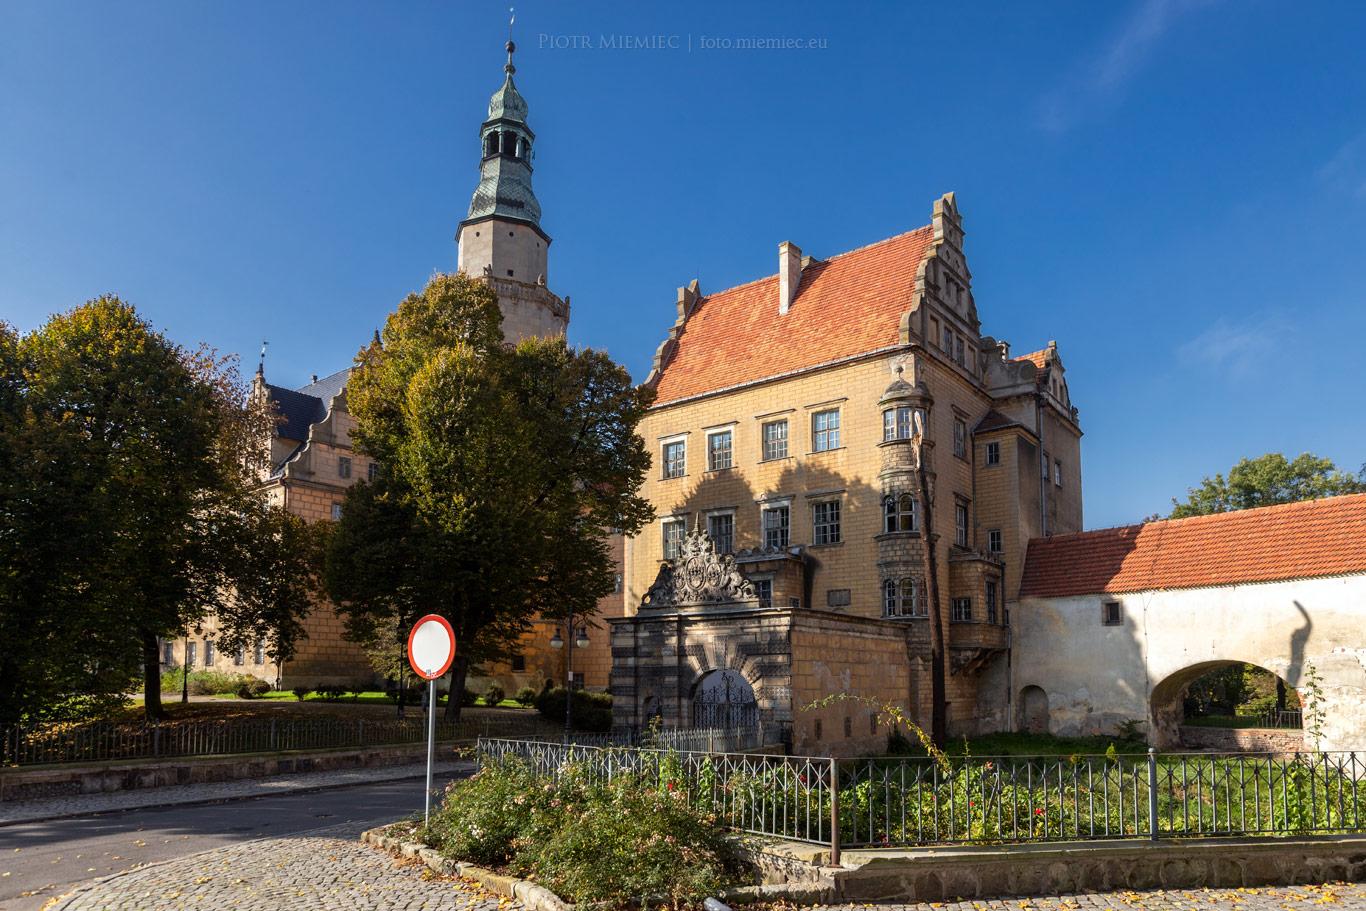 Zamek oleśnicki